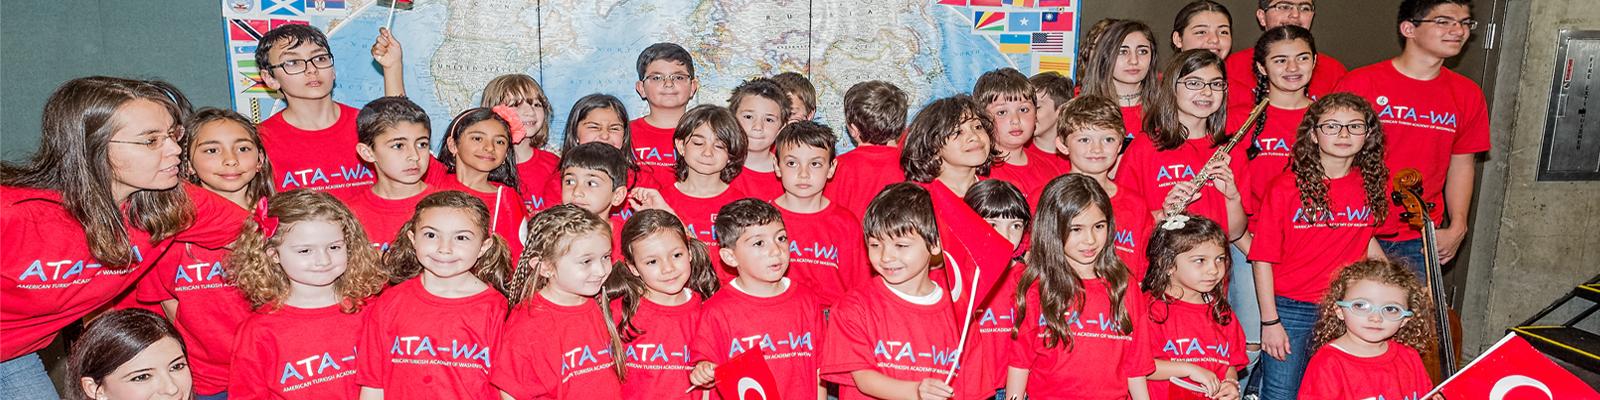 ICFF - International Children